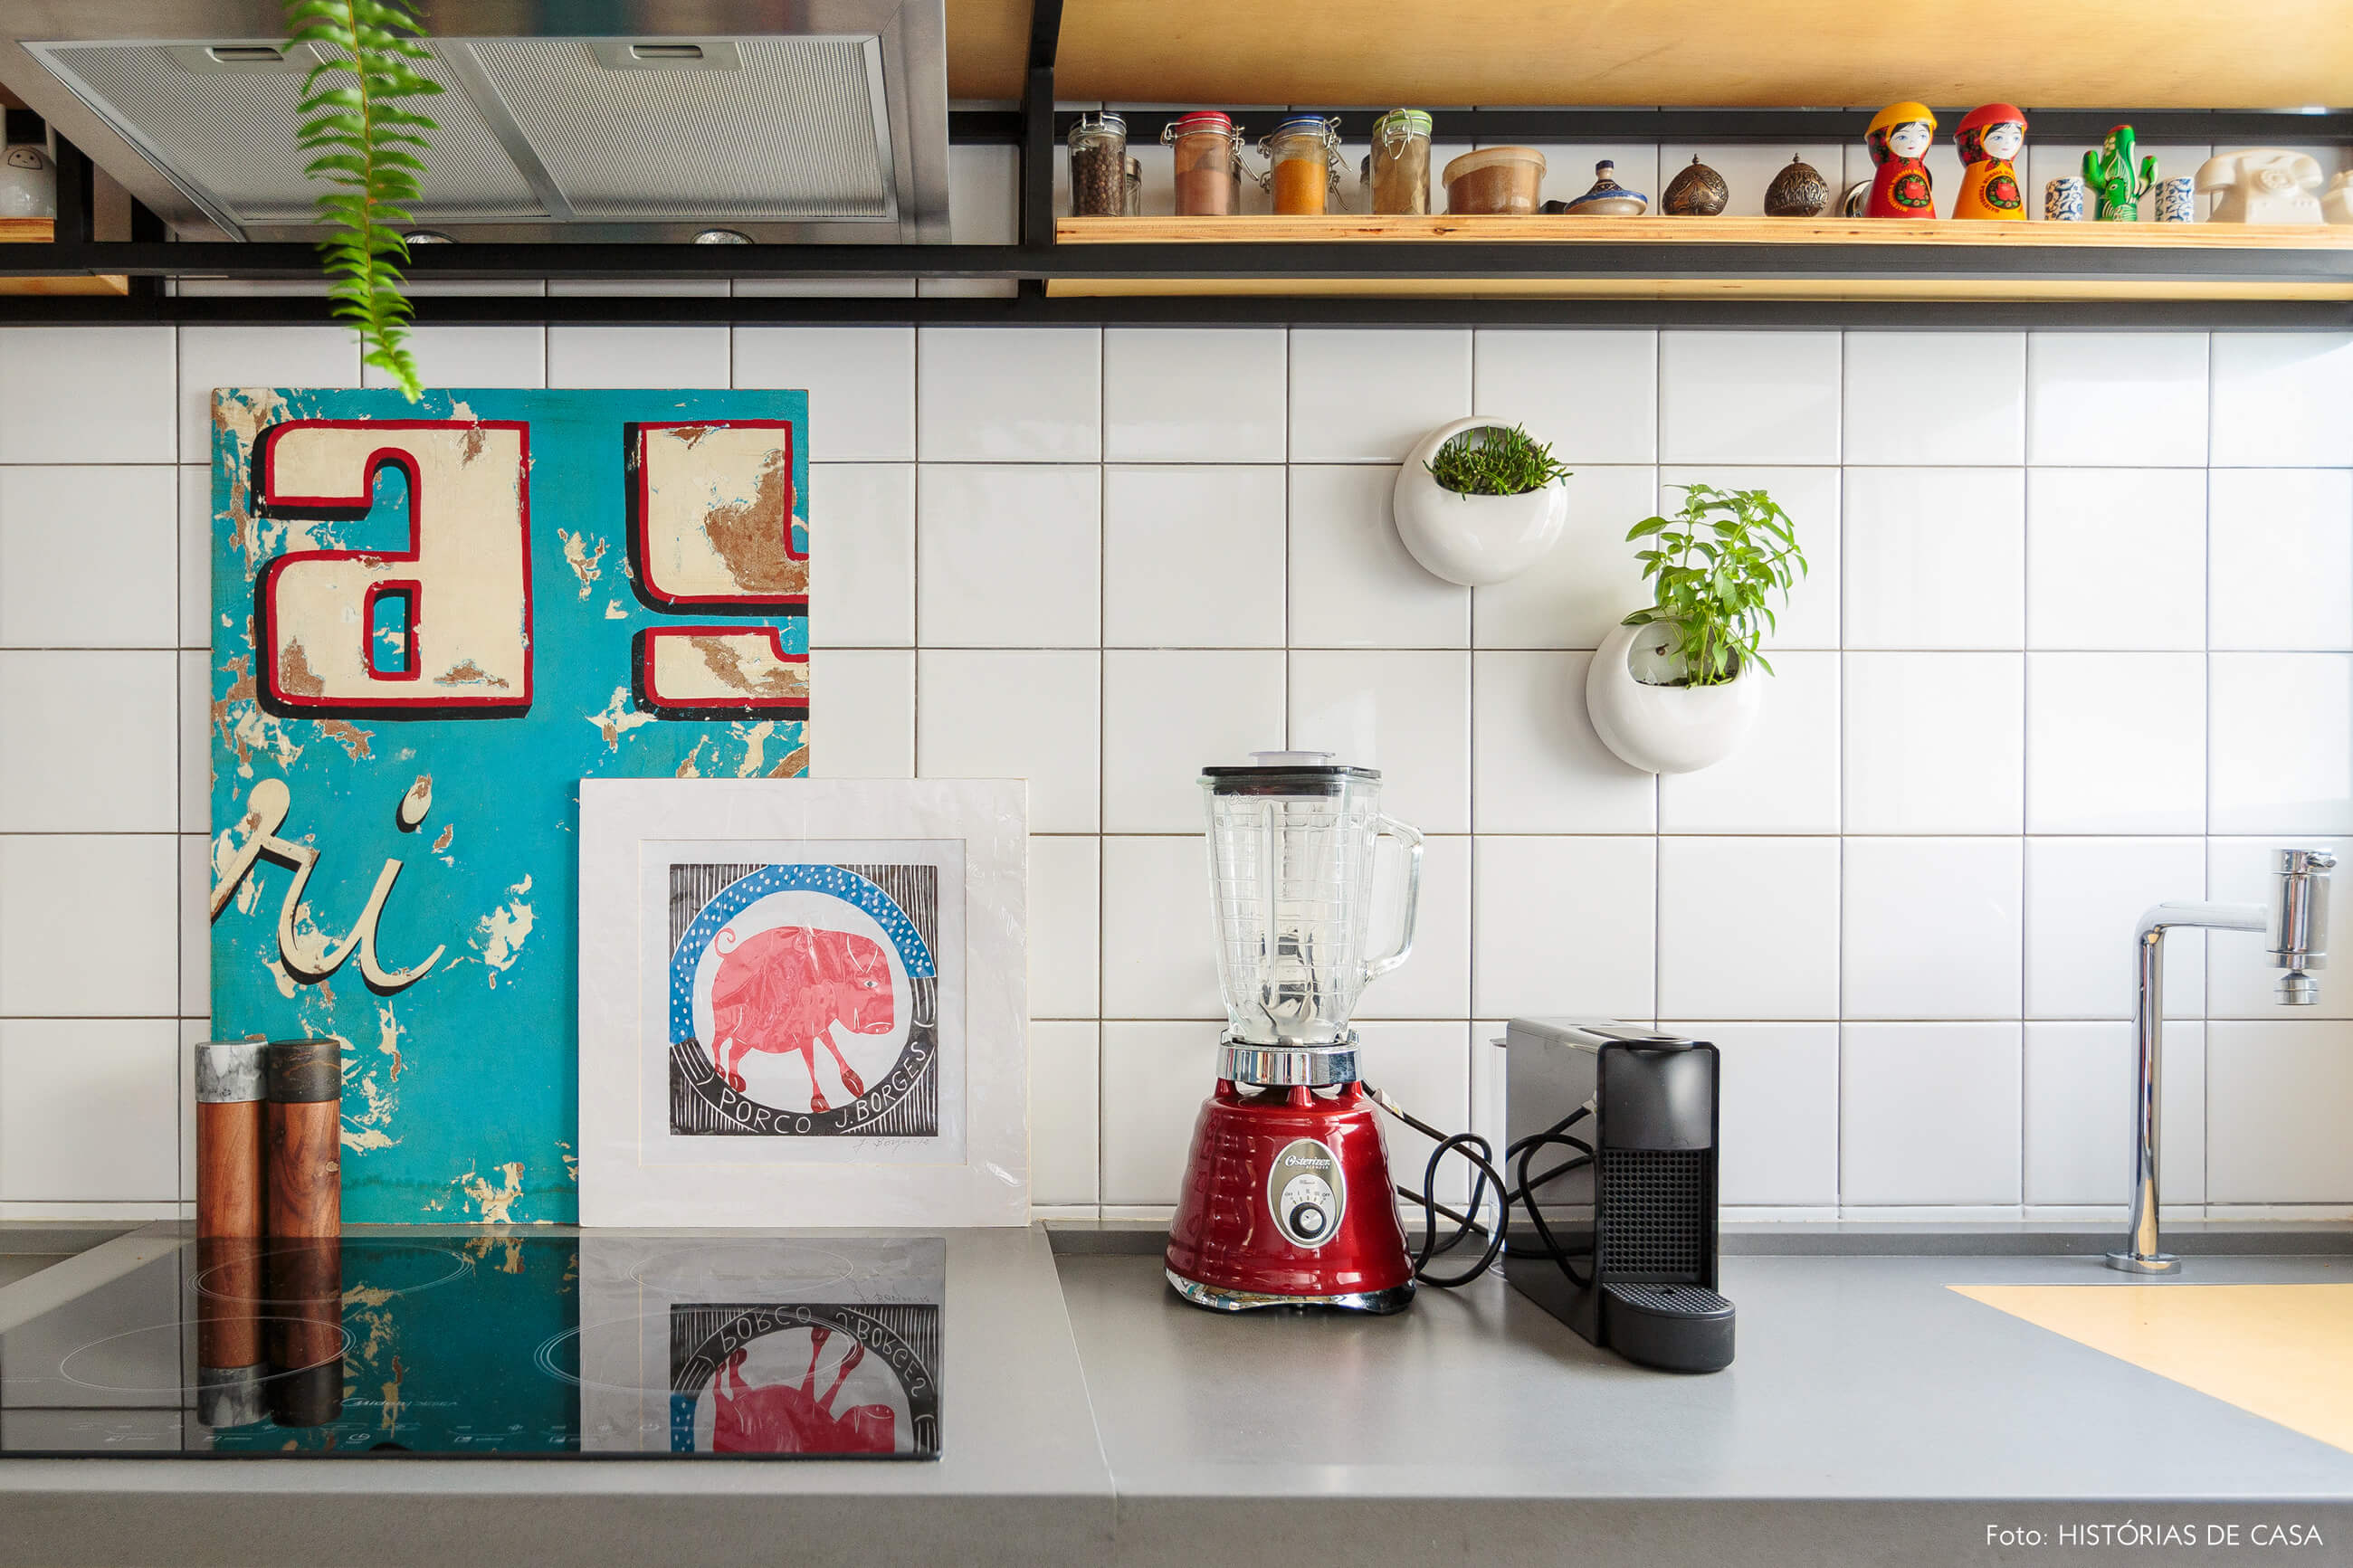 flavio-decoração-cozinha-com-posters-e-vasos